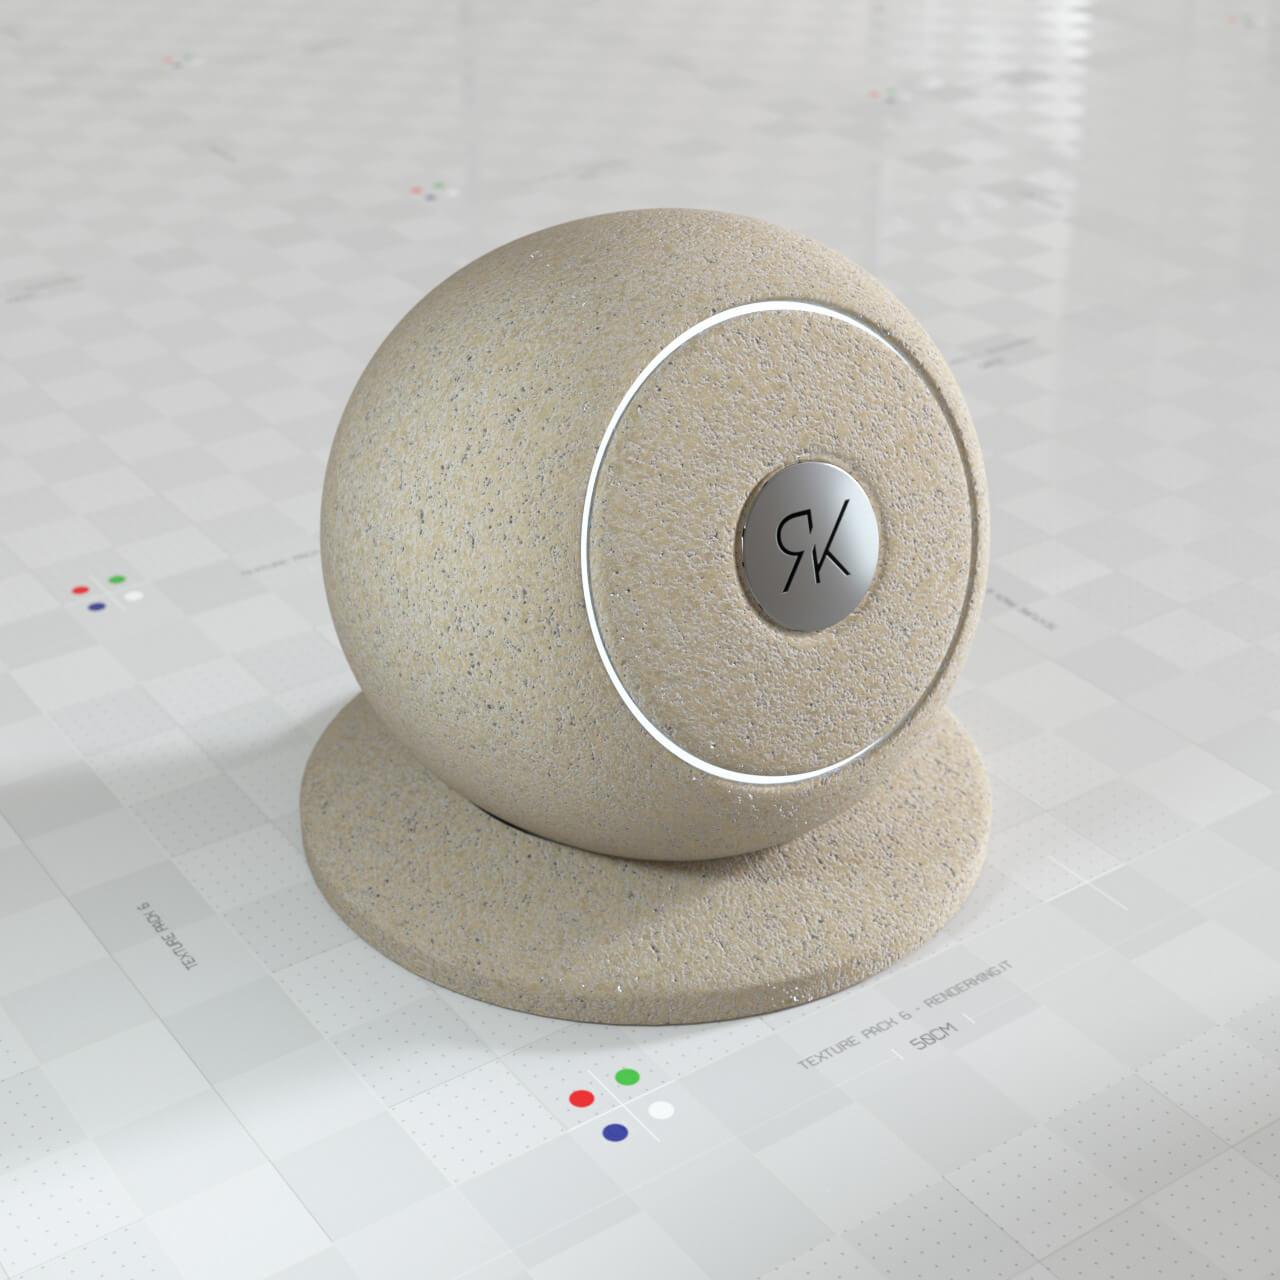 Cinema 4D Octane Texture Pack 6 Interior Modern Design Materials Pack